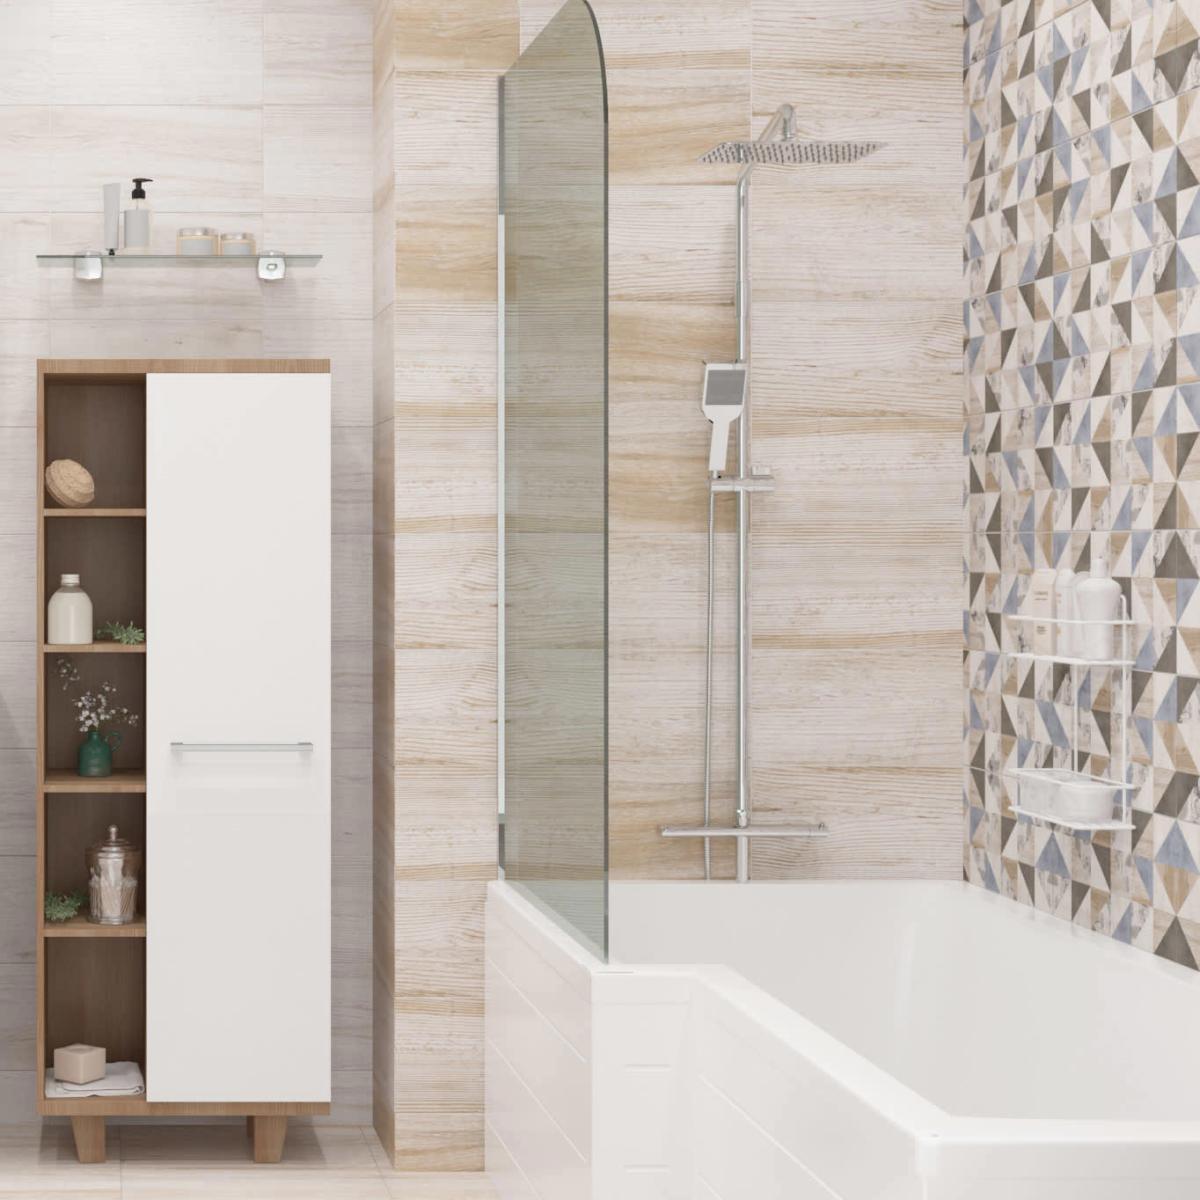 Плитка наcтенная Шервуд 20х40 см 1.58 м2 цвет бежевый